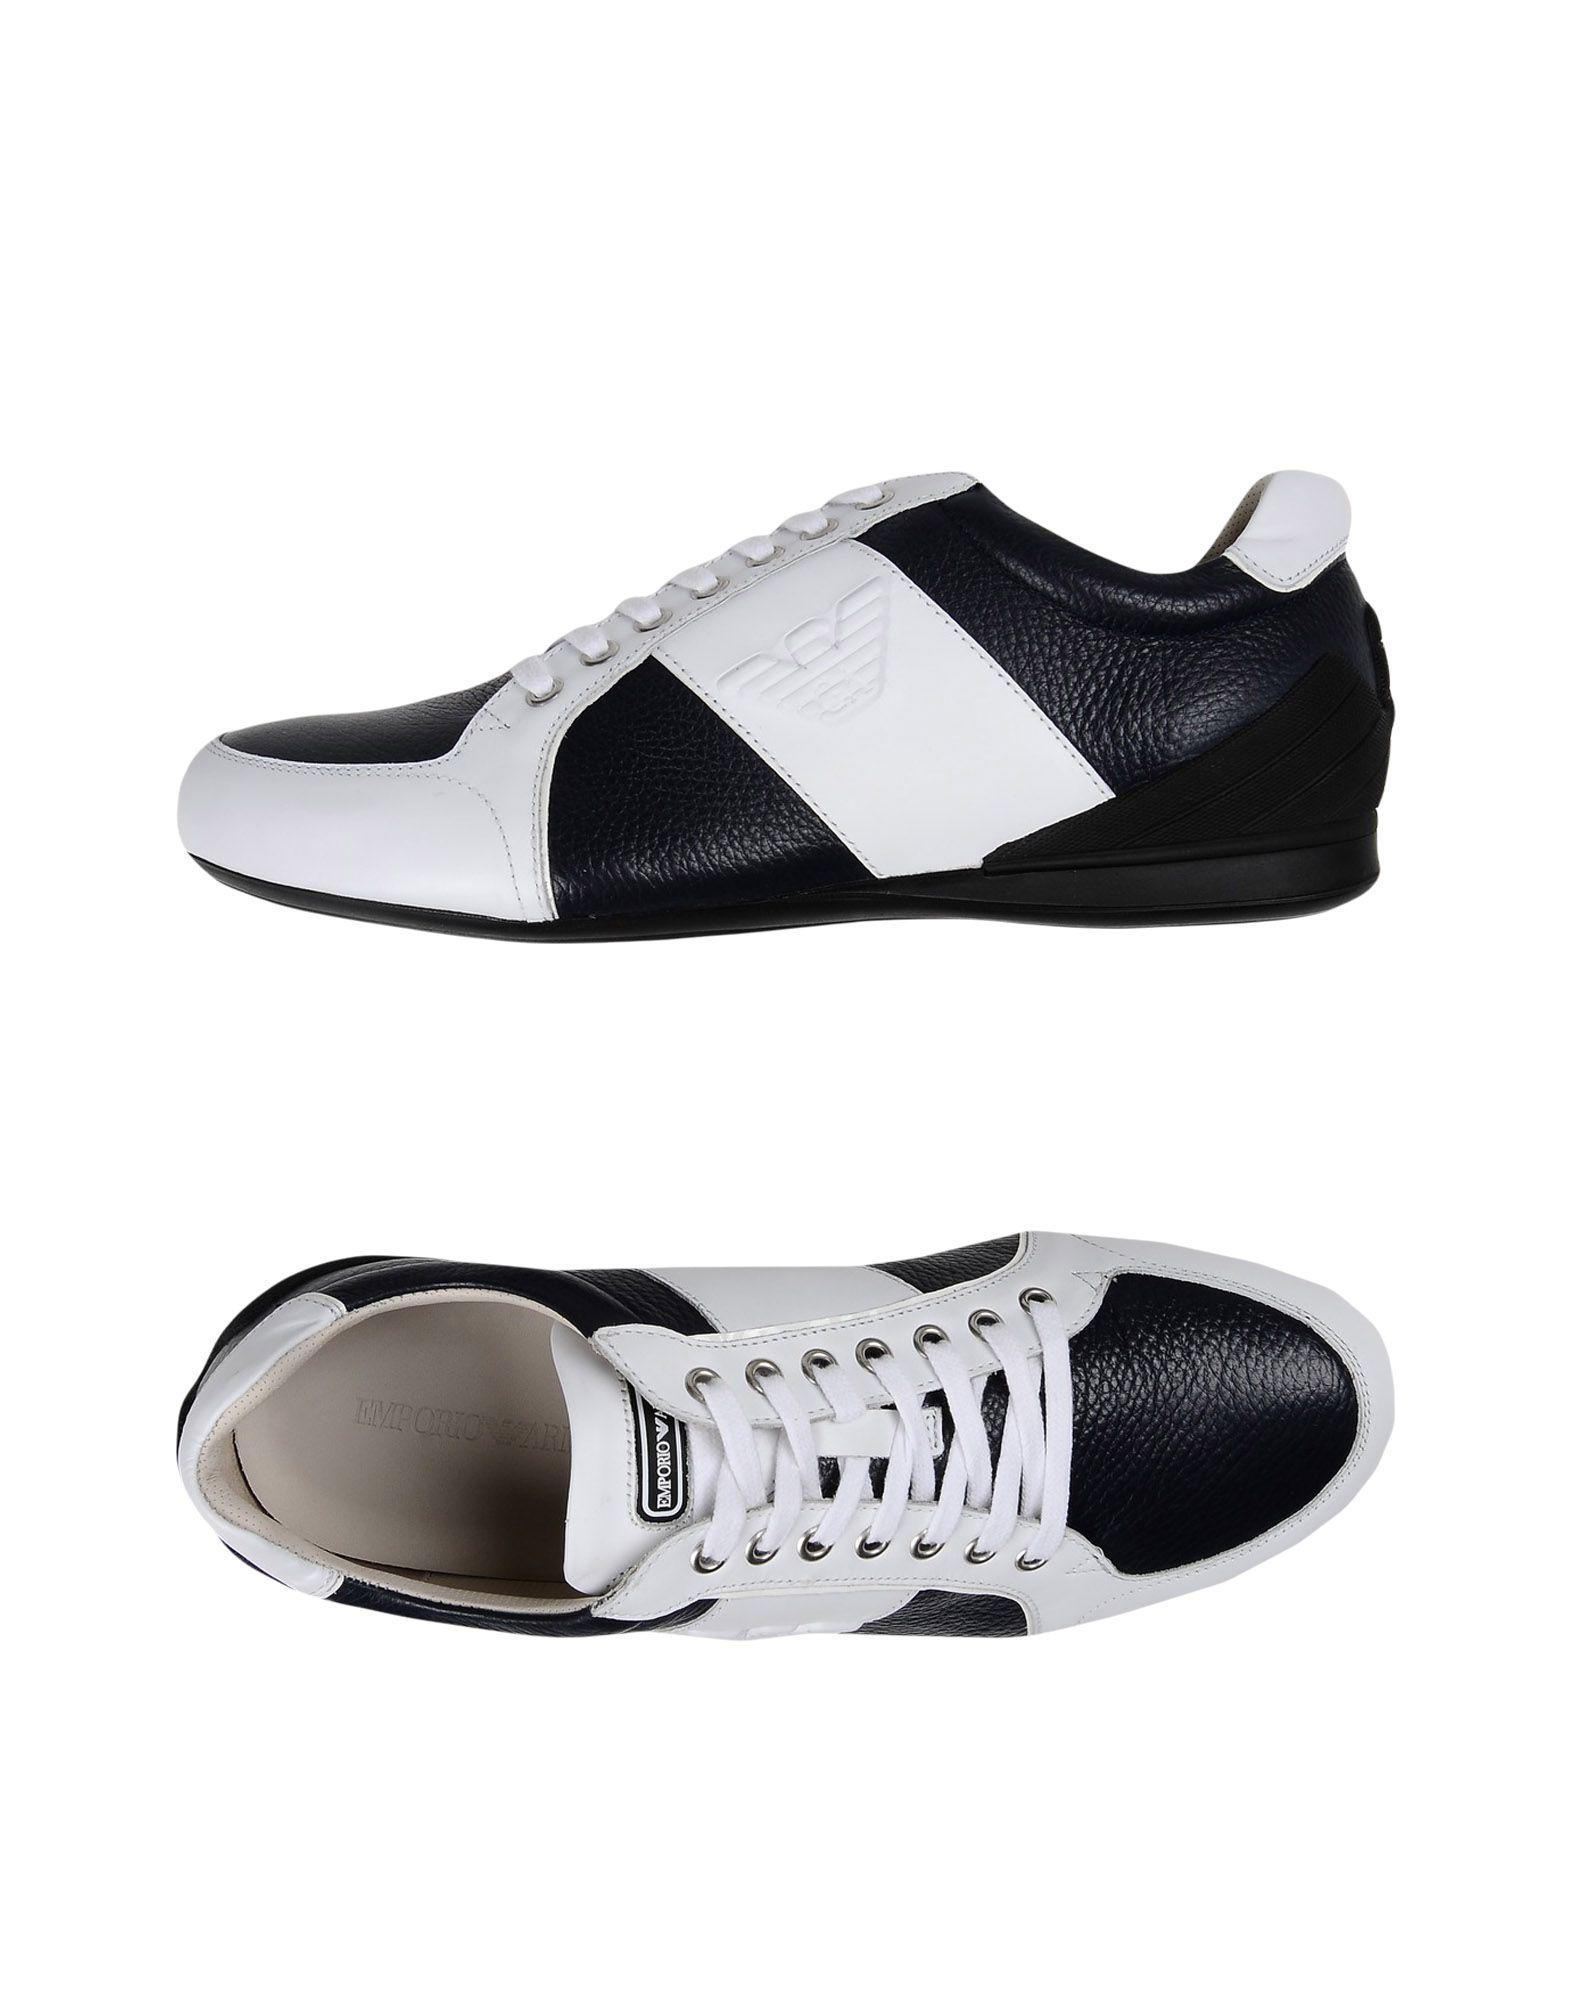 Emporio Armani Sneakers Herren  11437728DX Gute Qualität beliebte Schuhe